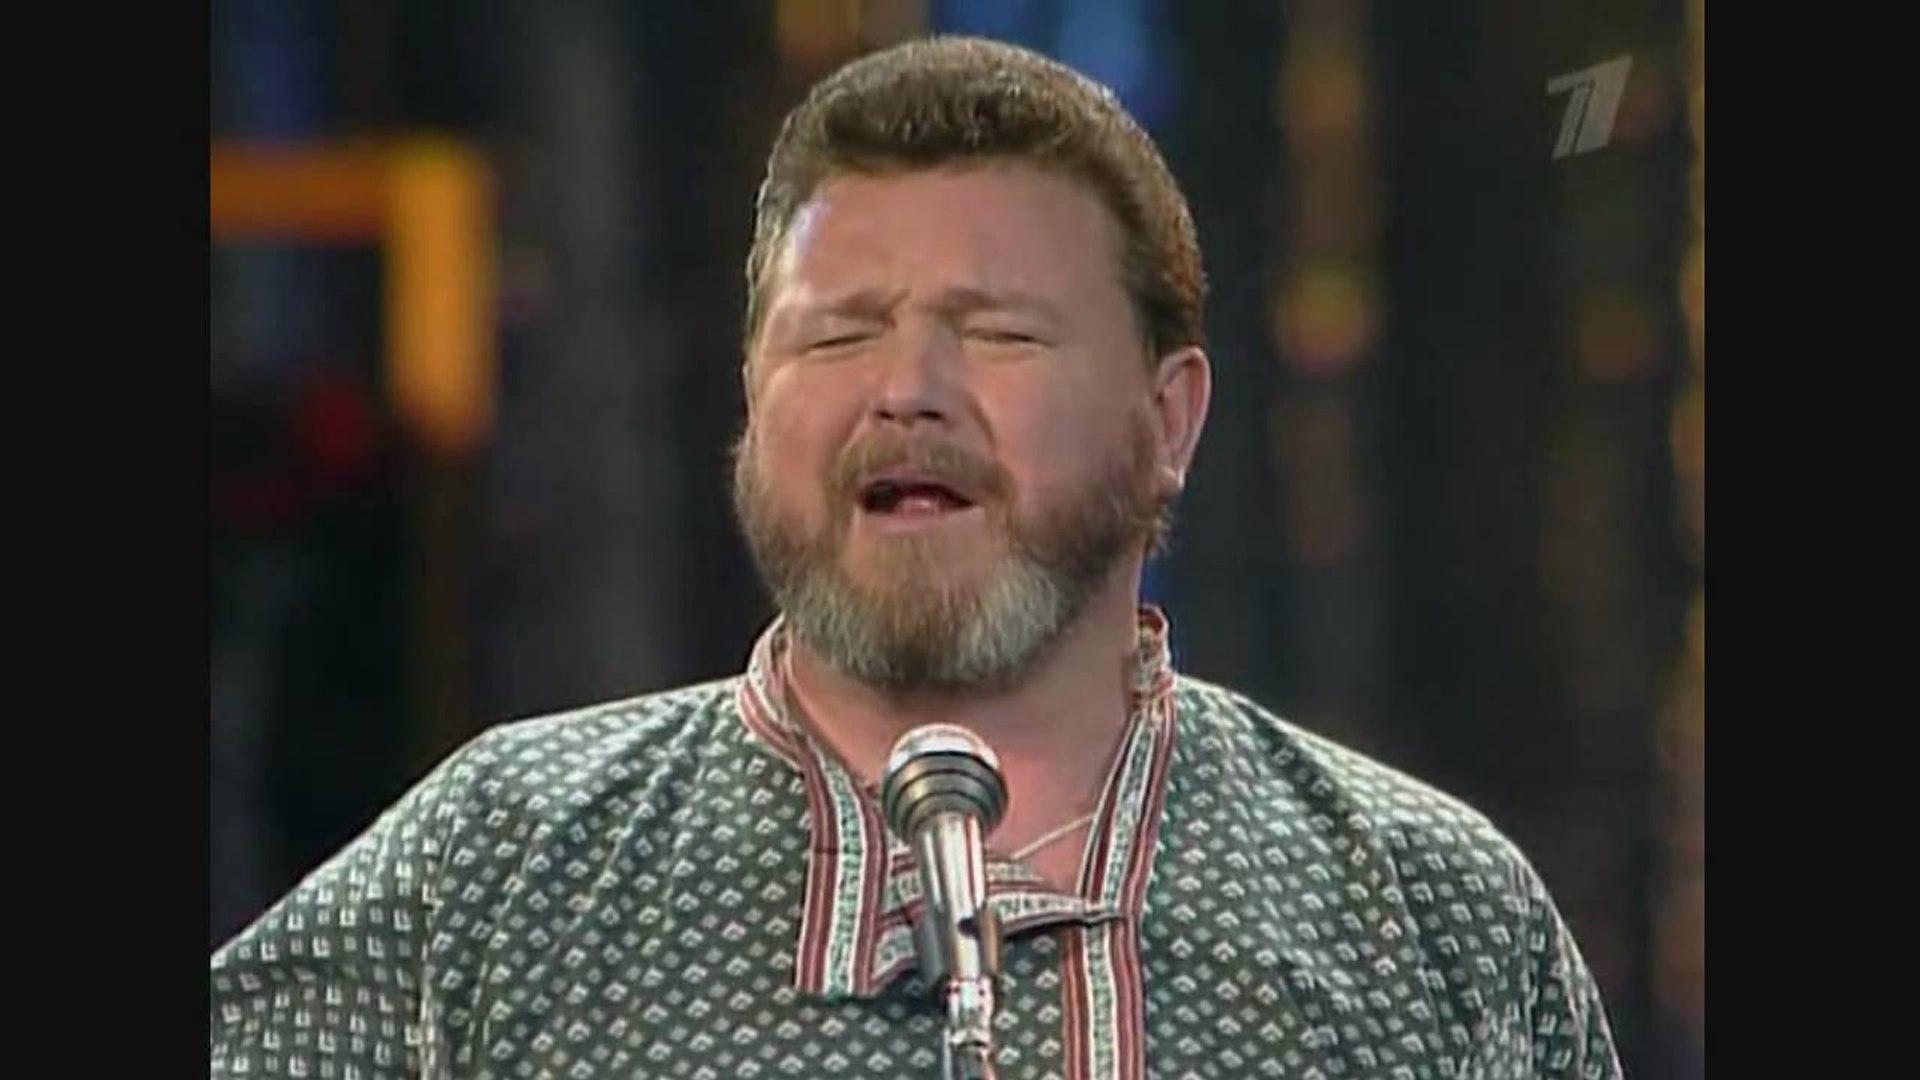 МИХАИЛ ЕВДОКИМОВ - ЗА УТКАМИ. Юмор Анекдоты